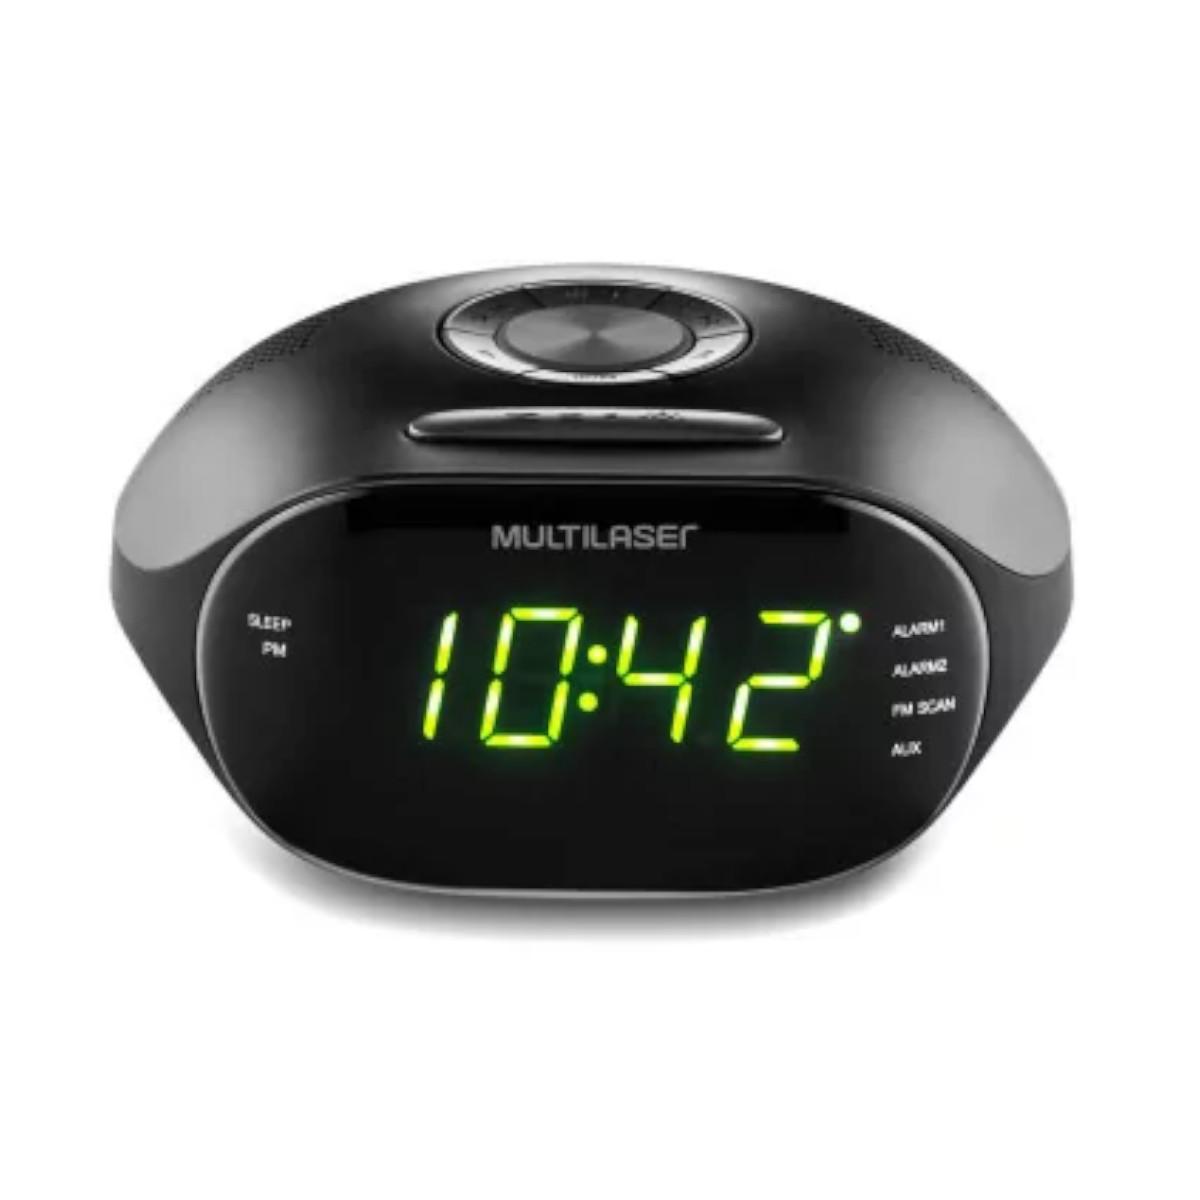 Radio Relógio Digital Alarme Despertador  Multilaser